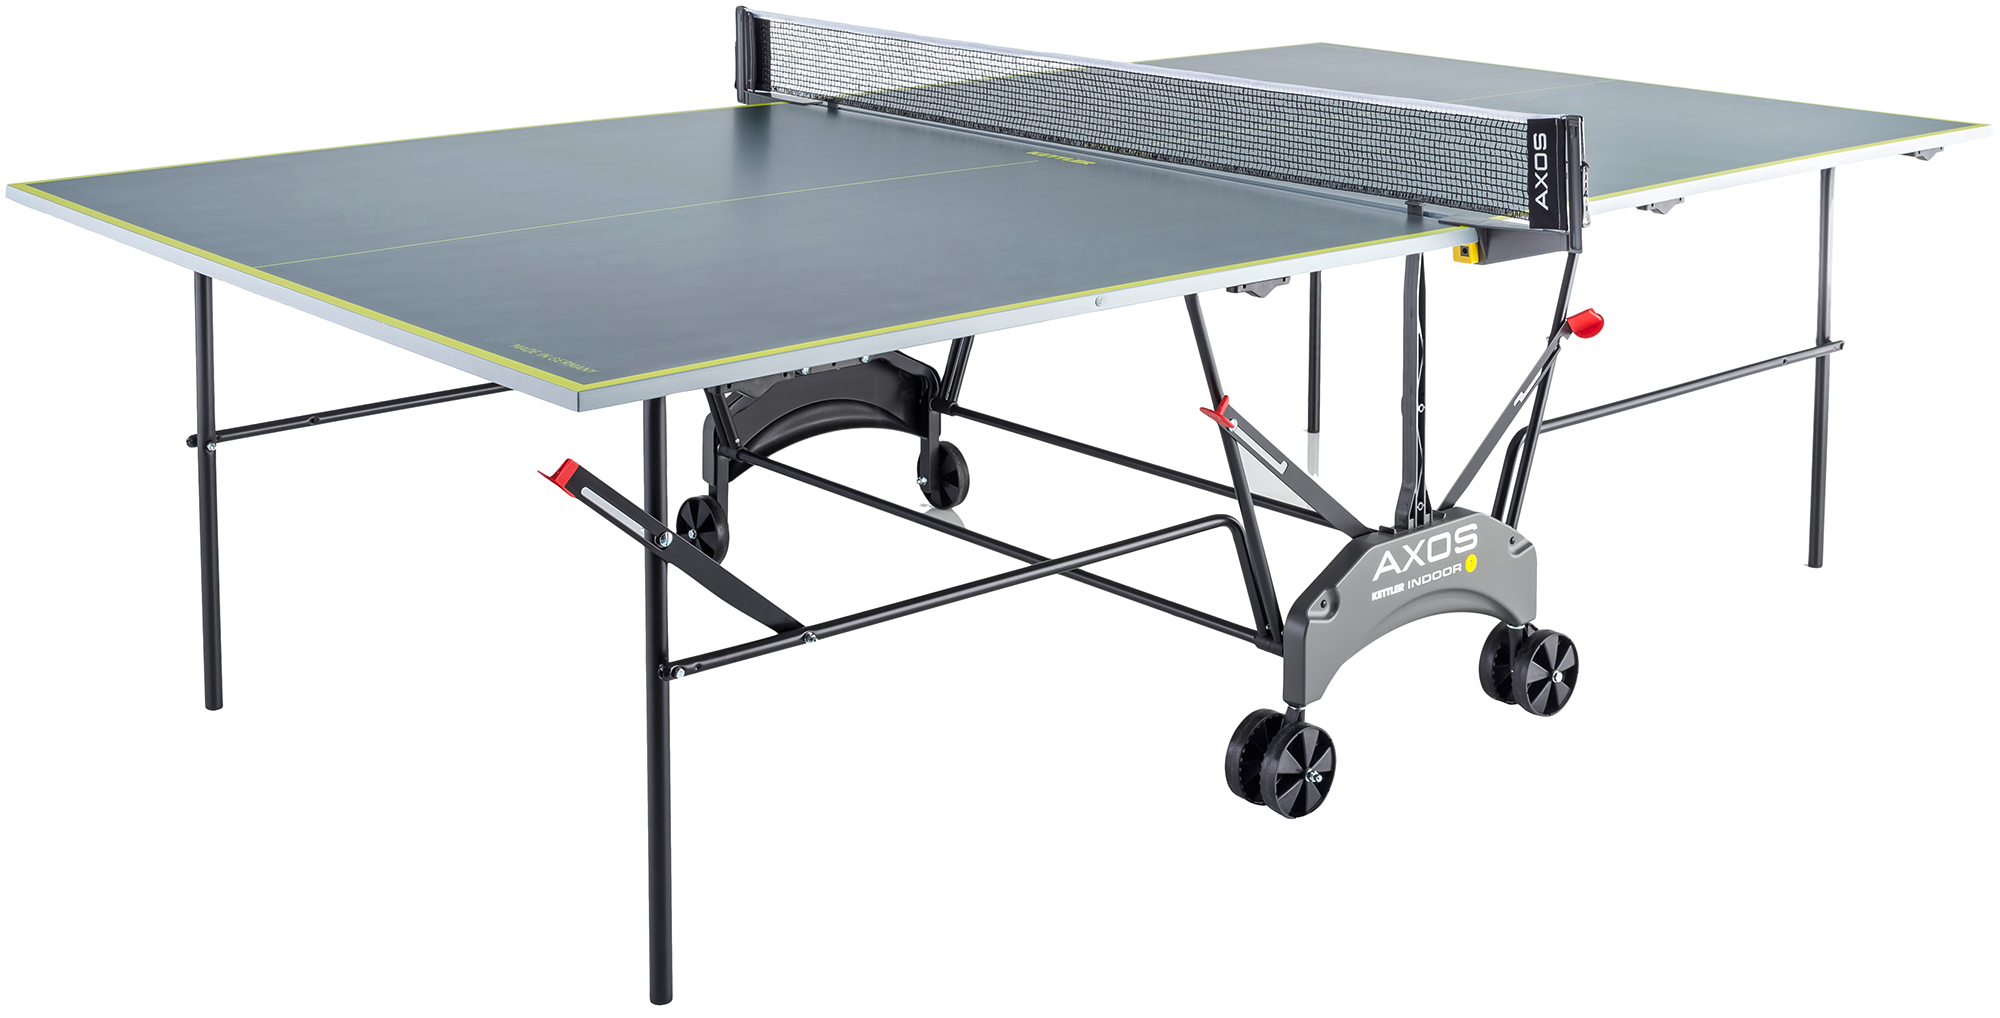 Kettler Теннисный стол Kettler Axos Indoor 1